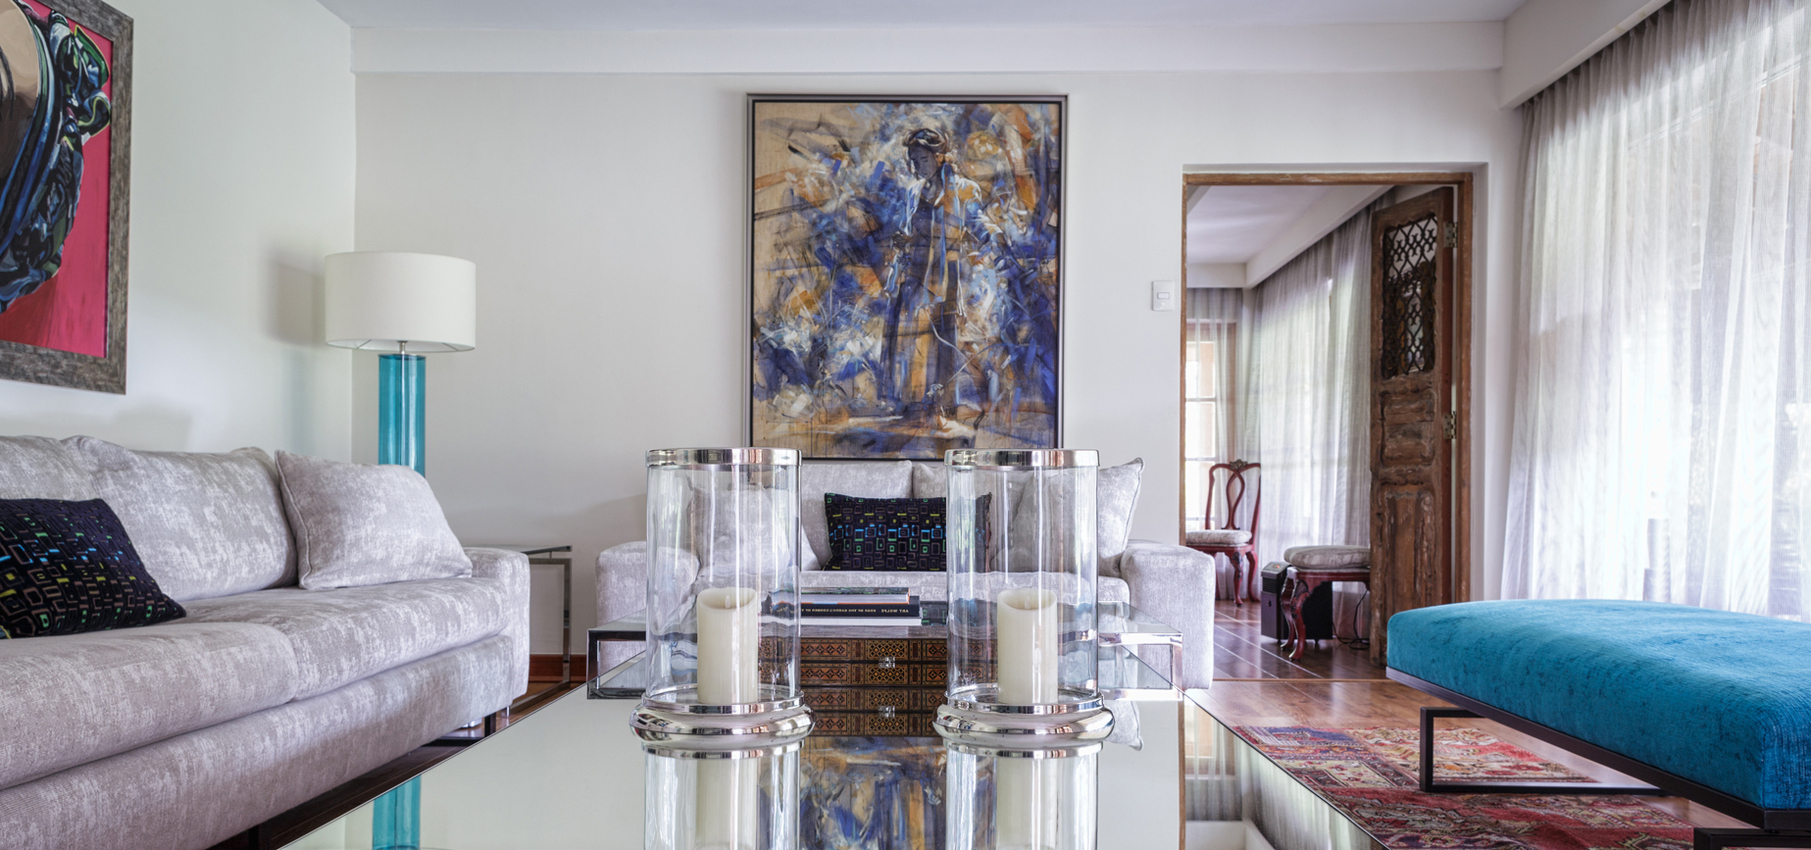 Mesas De Centro De Diseño Zwd9 Roomlab Gran Mesa De Centro Con Cubierta De Espejo En Living Con